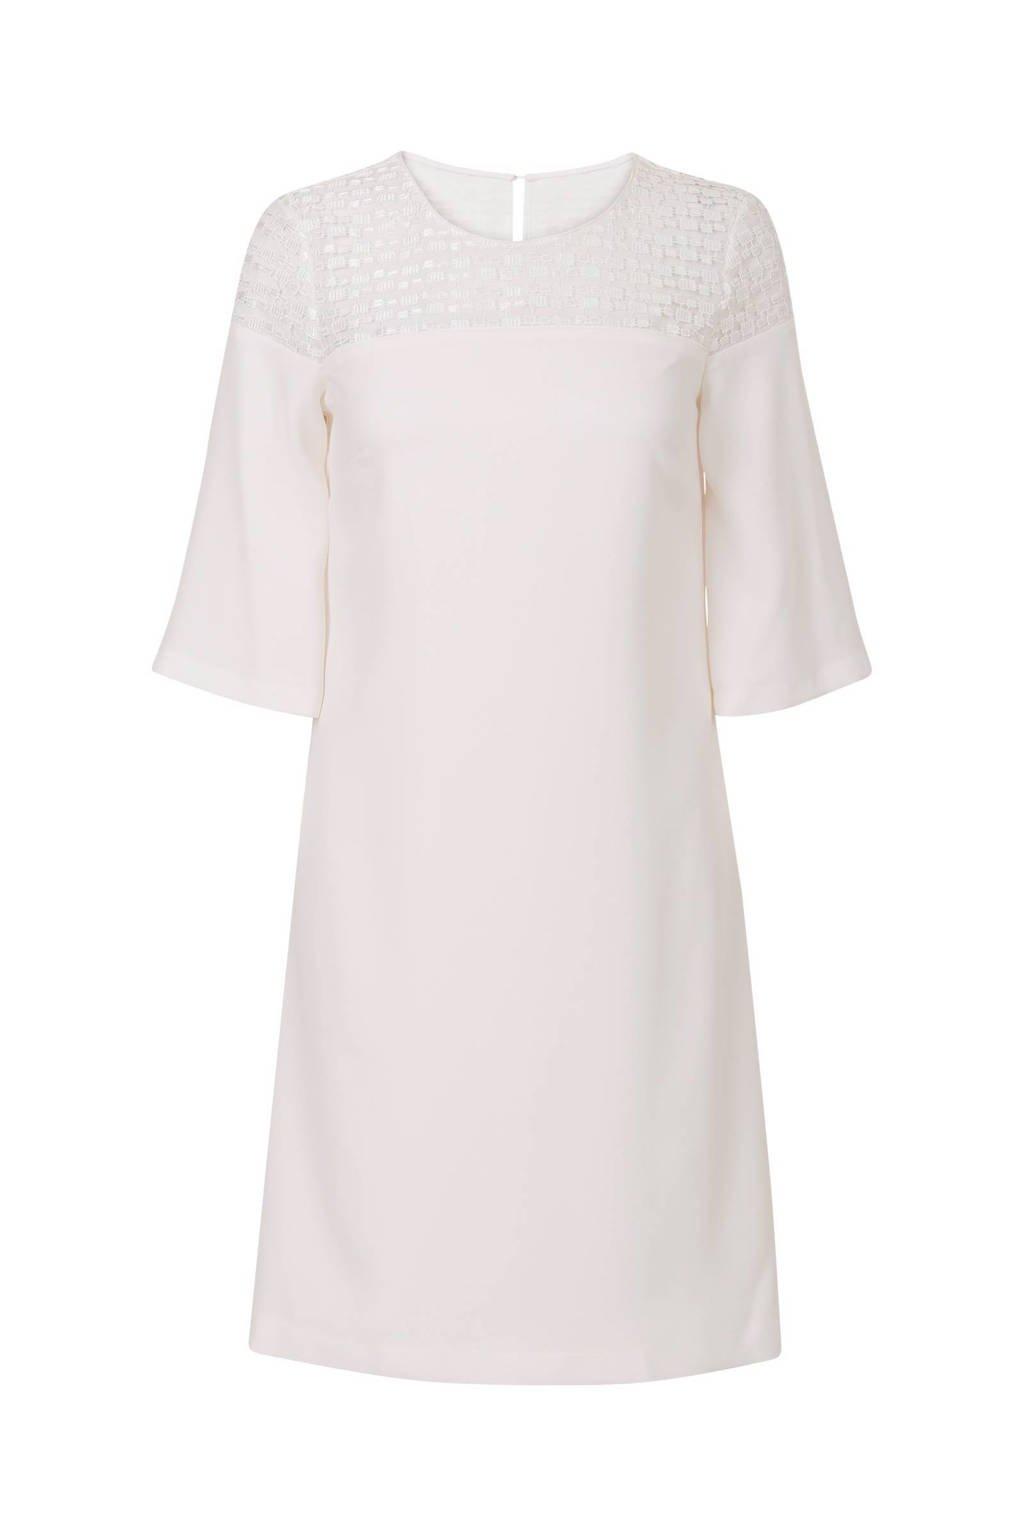 Promiss jurk gebroken wit, Gebroken wit